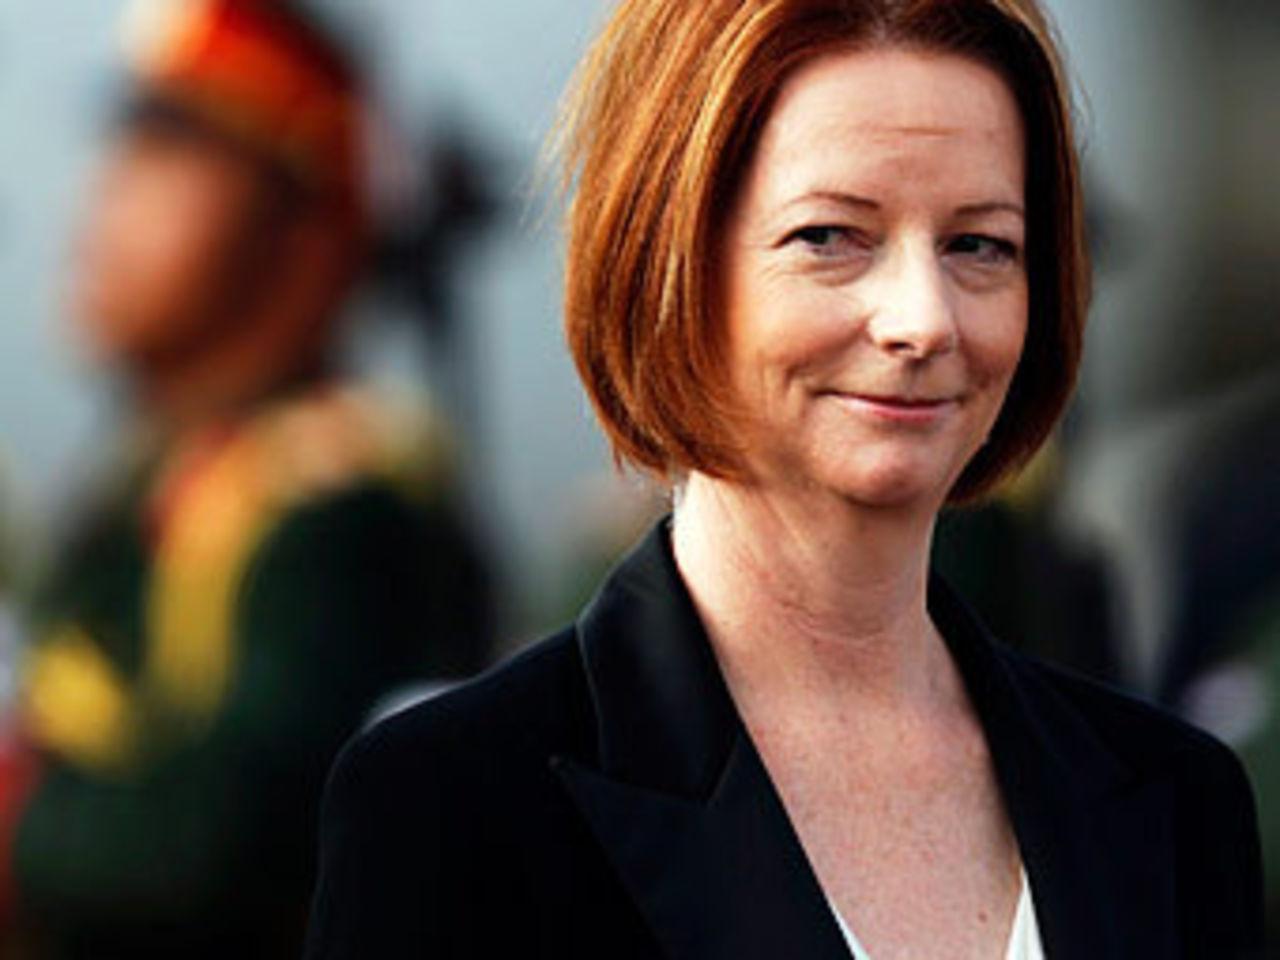 Джулия Гиллард — первая женщина-премьер-министр Австралии